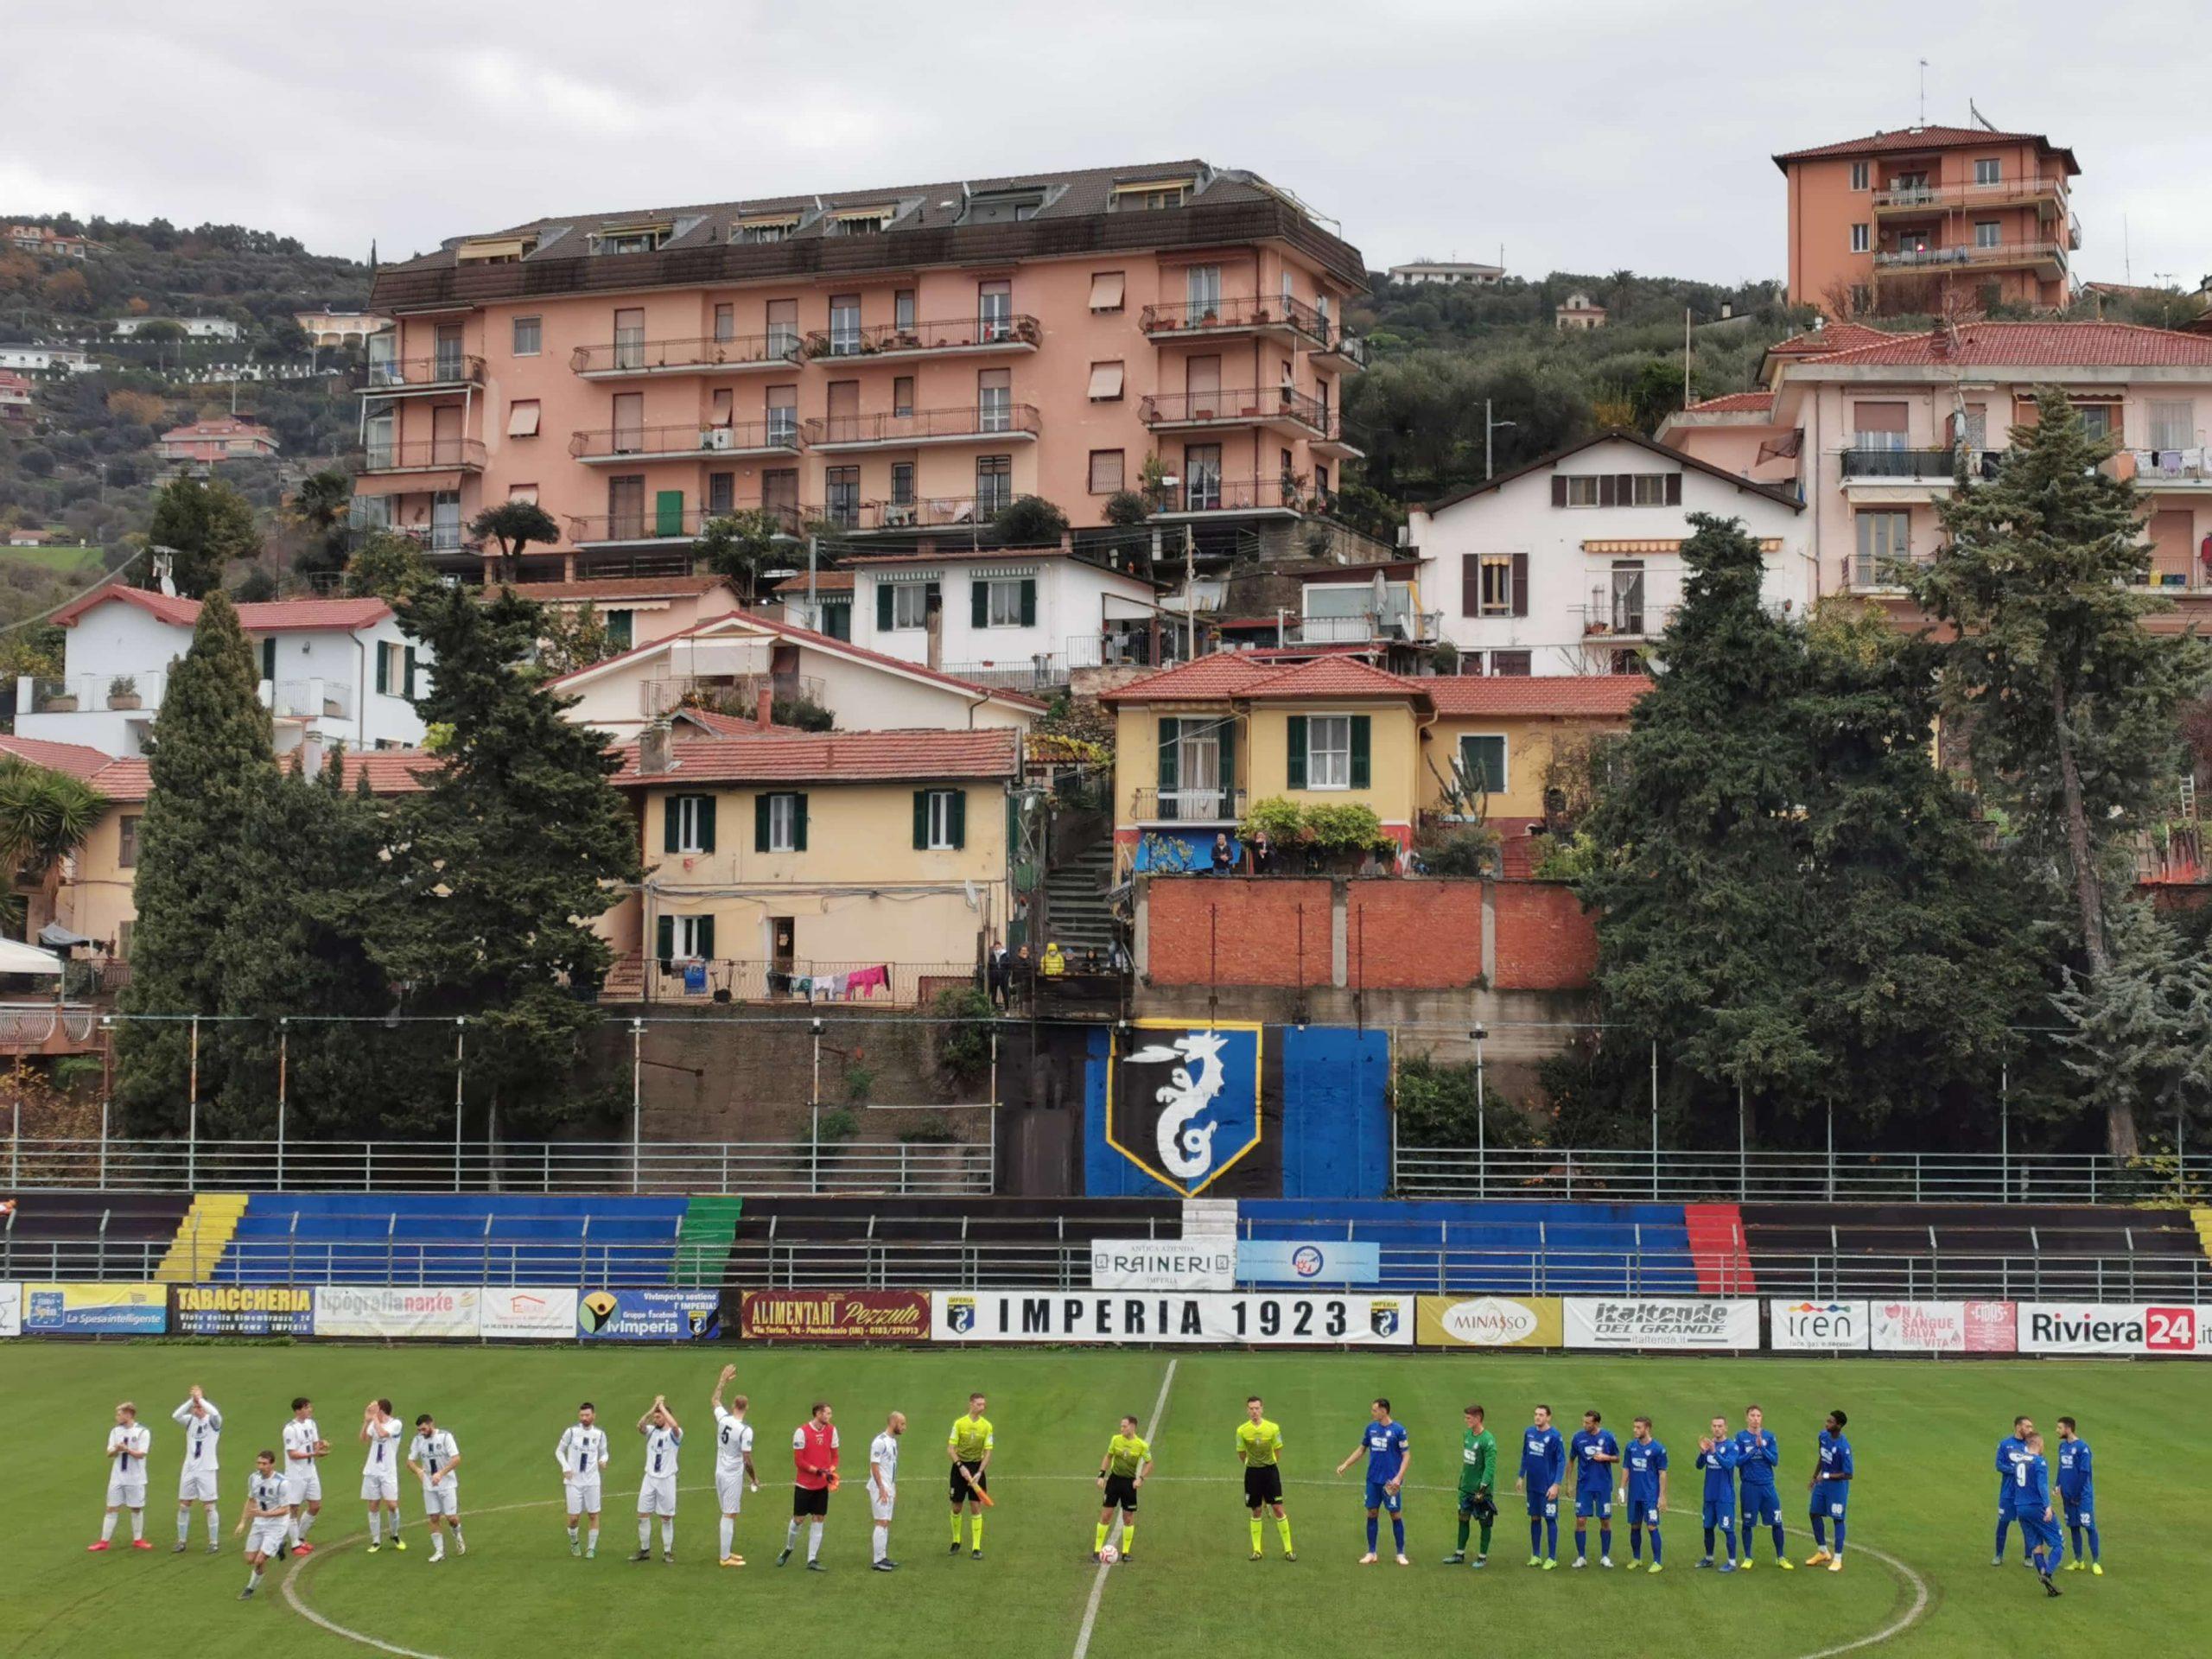 IMPERIA GAGLIARDA E CON LA FOLGORE CARATESE FINISCE 0-0